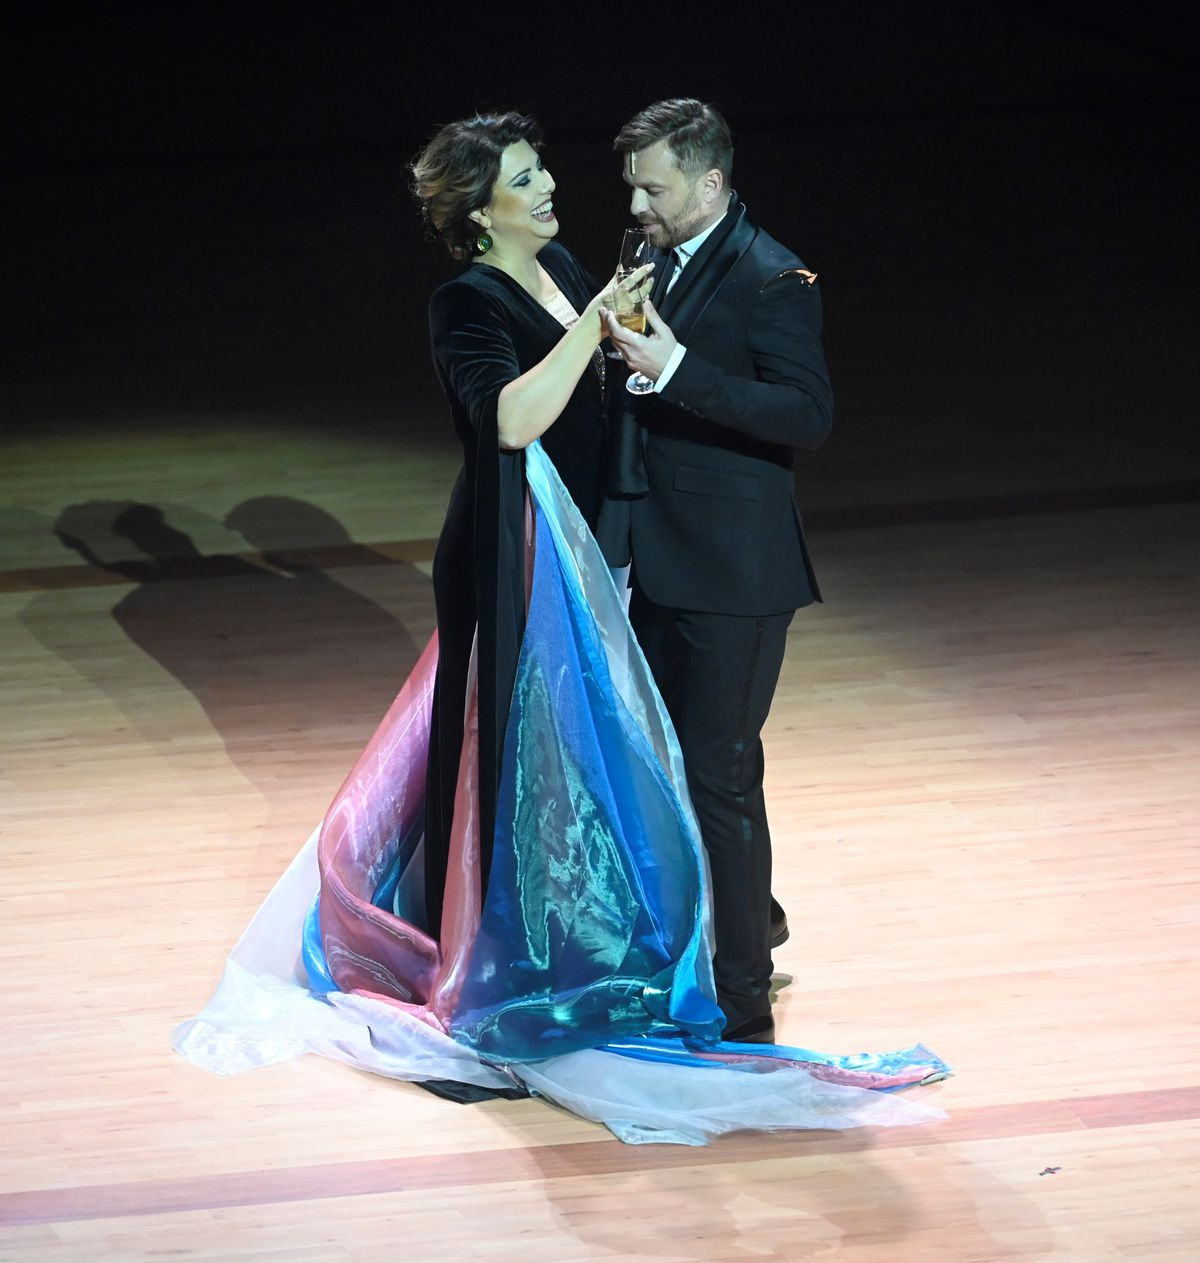 Úvodnému ceremoniálu dominovalo operné spojenie sopranistky Hrachuchi Bassenz a slovenského tenora Pavla Bršlíka.